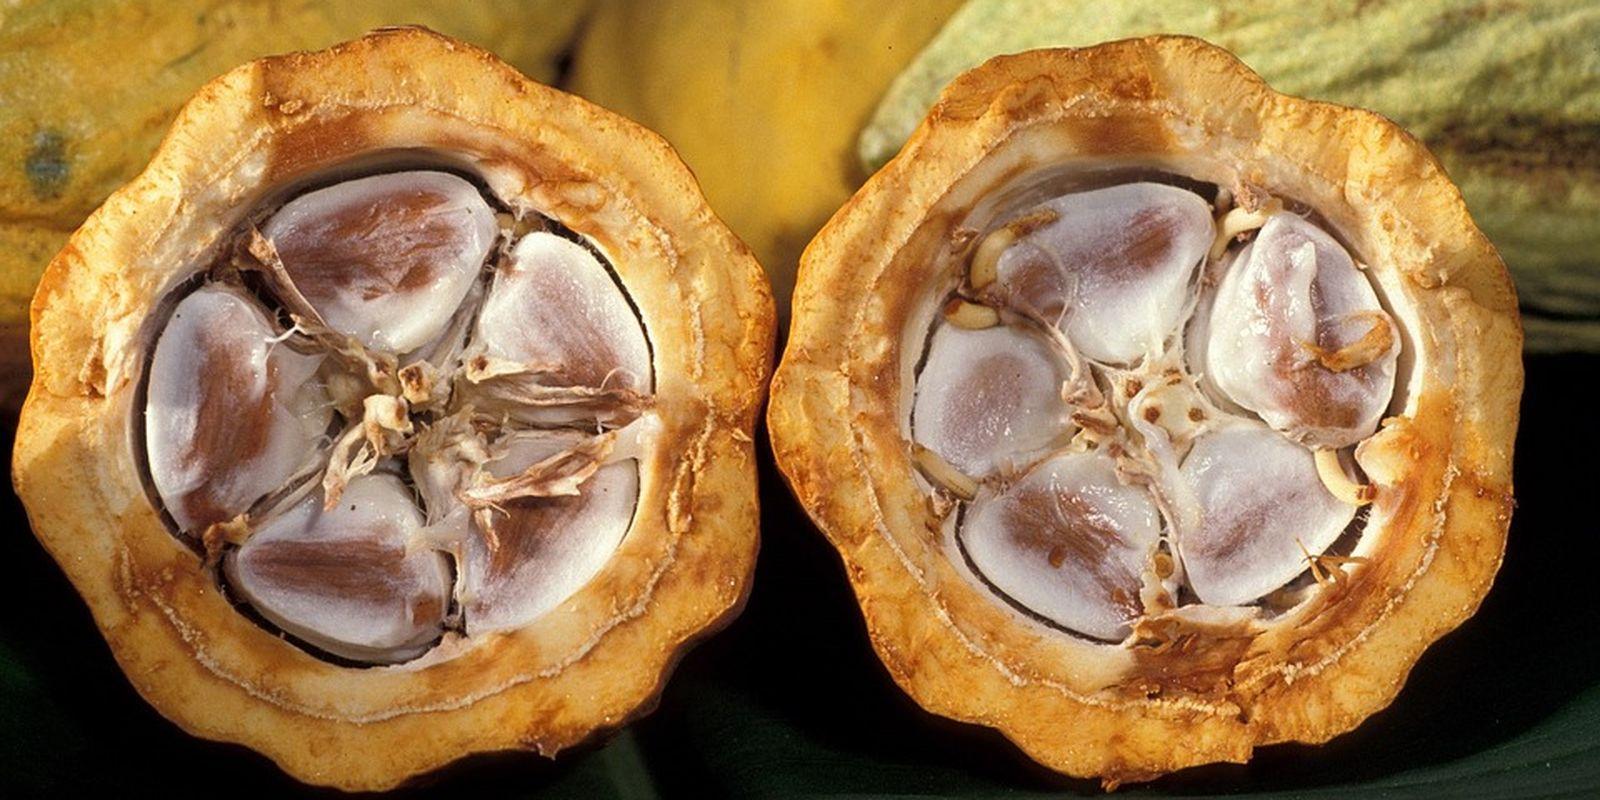 Cenné látky v raw kakau